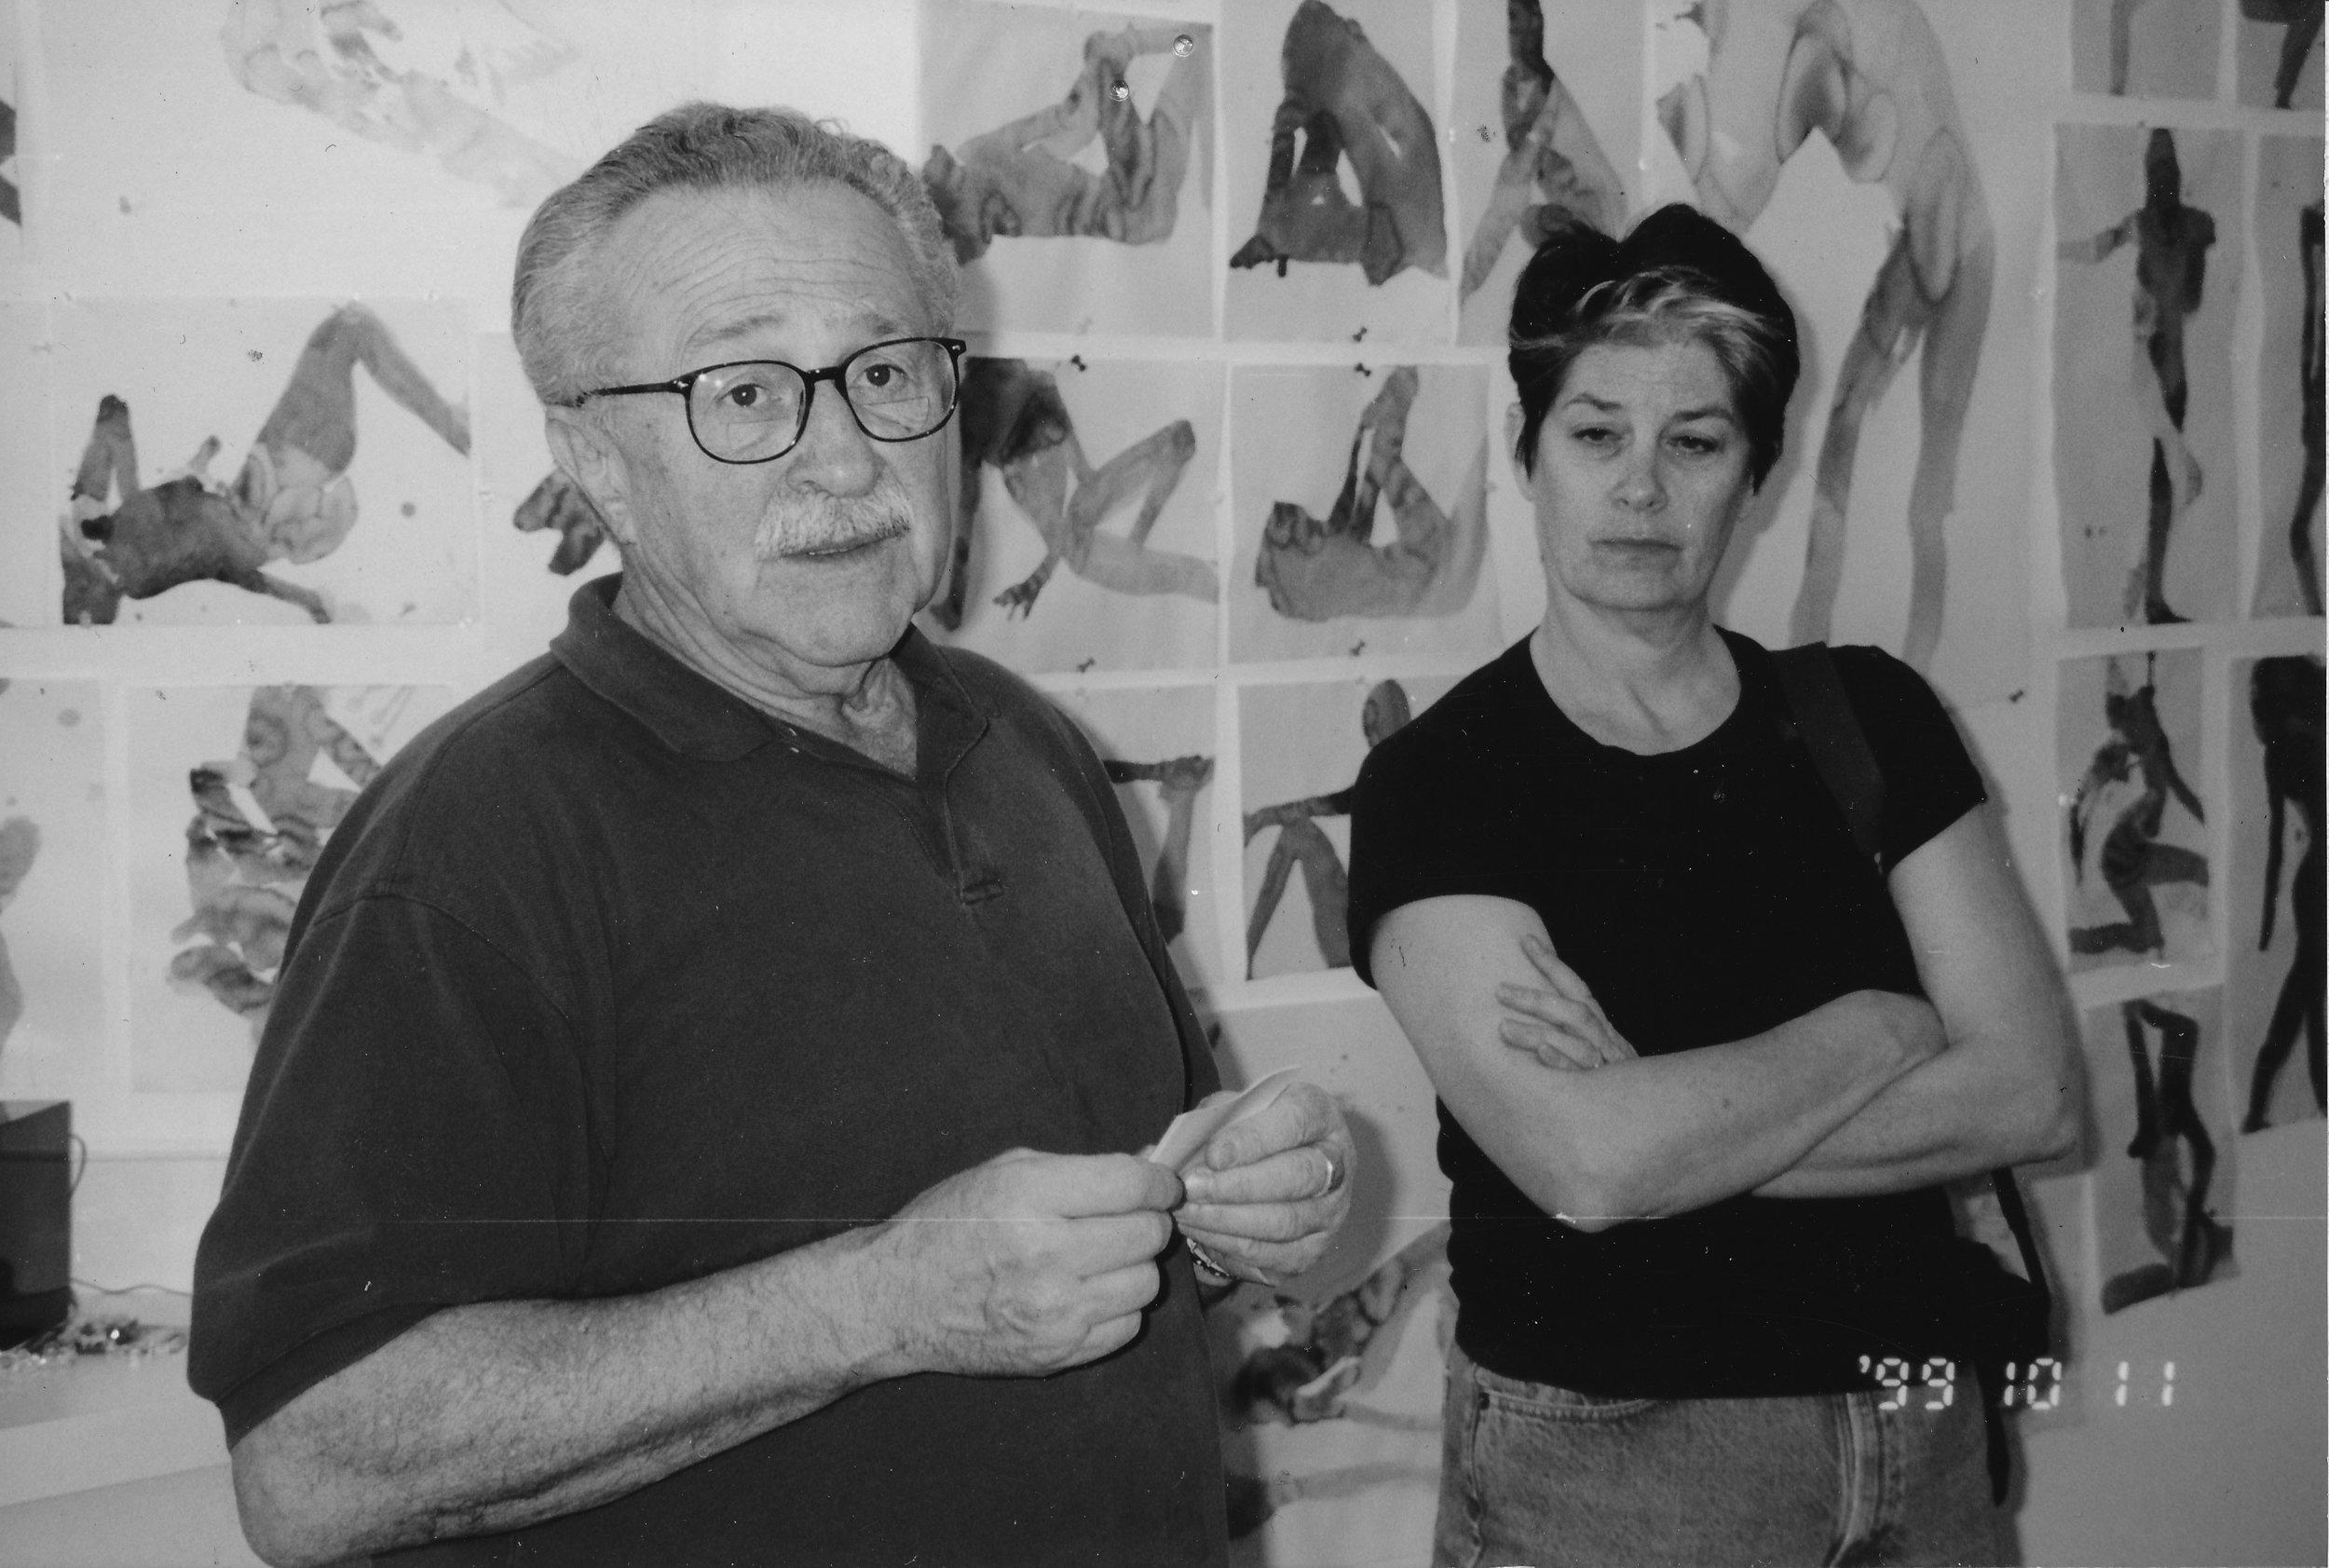 CATHERINE SKINNER & NATHAN OLIVEIRA AT SANTA FE ART INSTITUTE, 1999